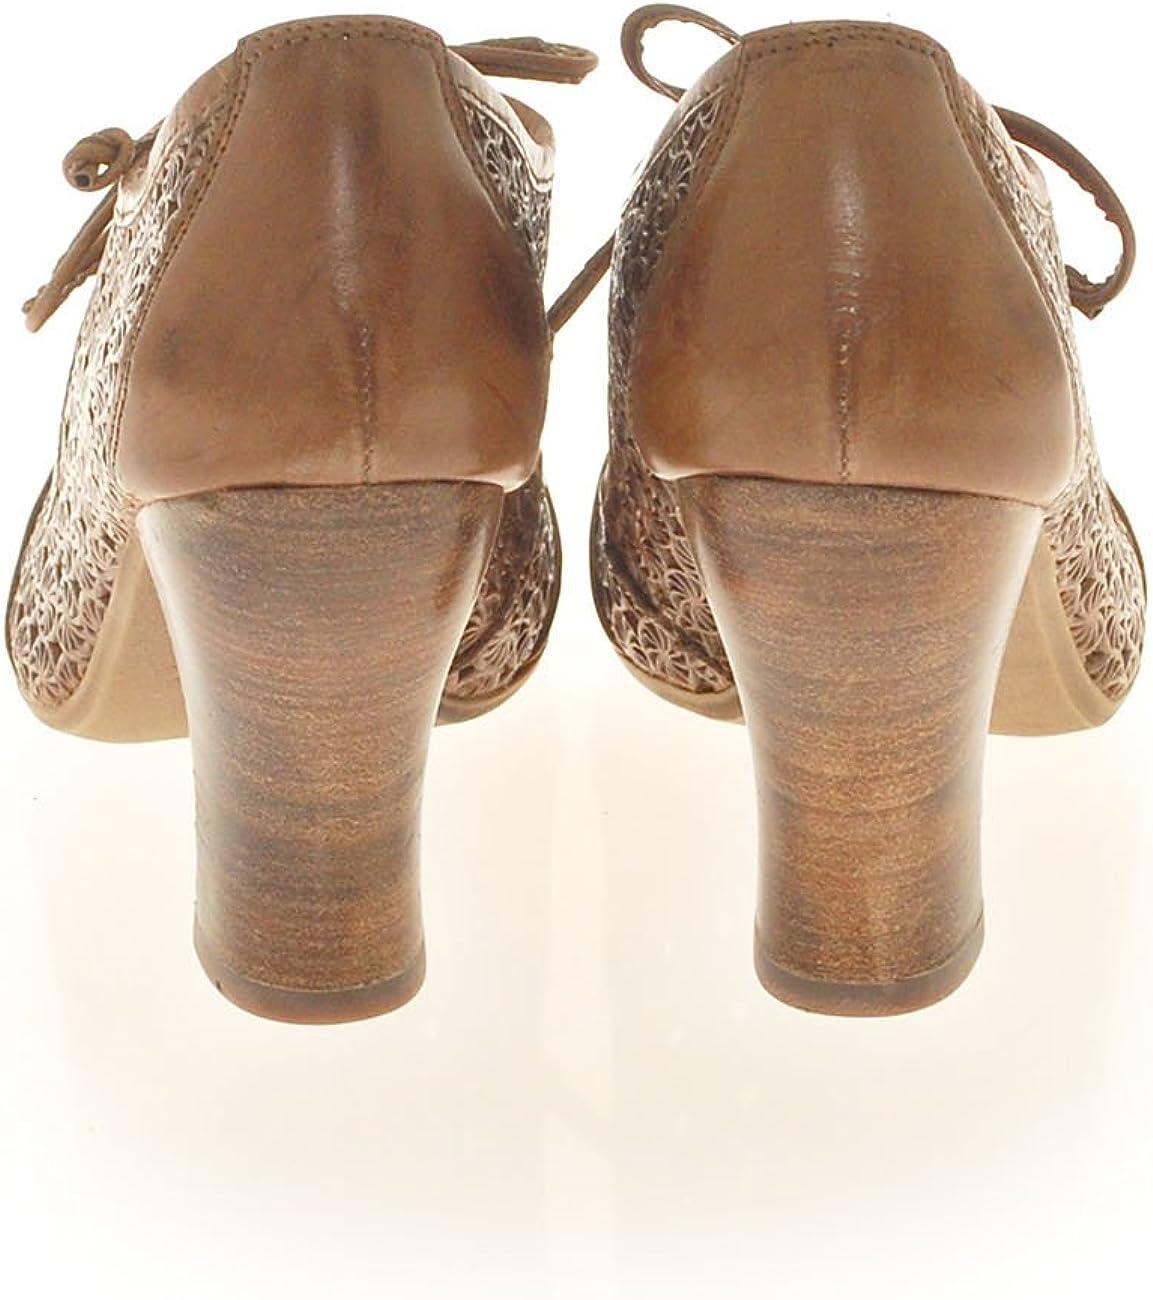 VIRUS MODA S0300958 38 Taupe: Amazon.es: Zapatos y complementos